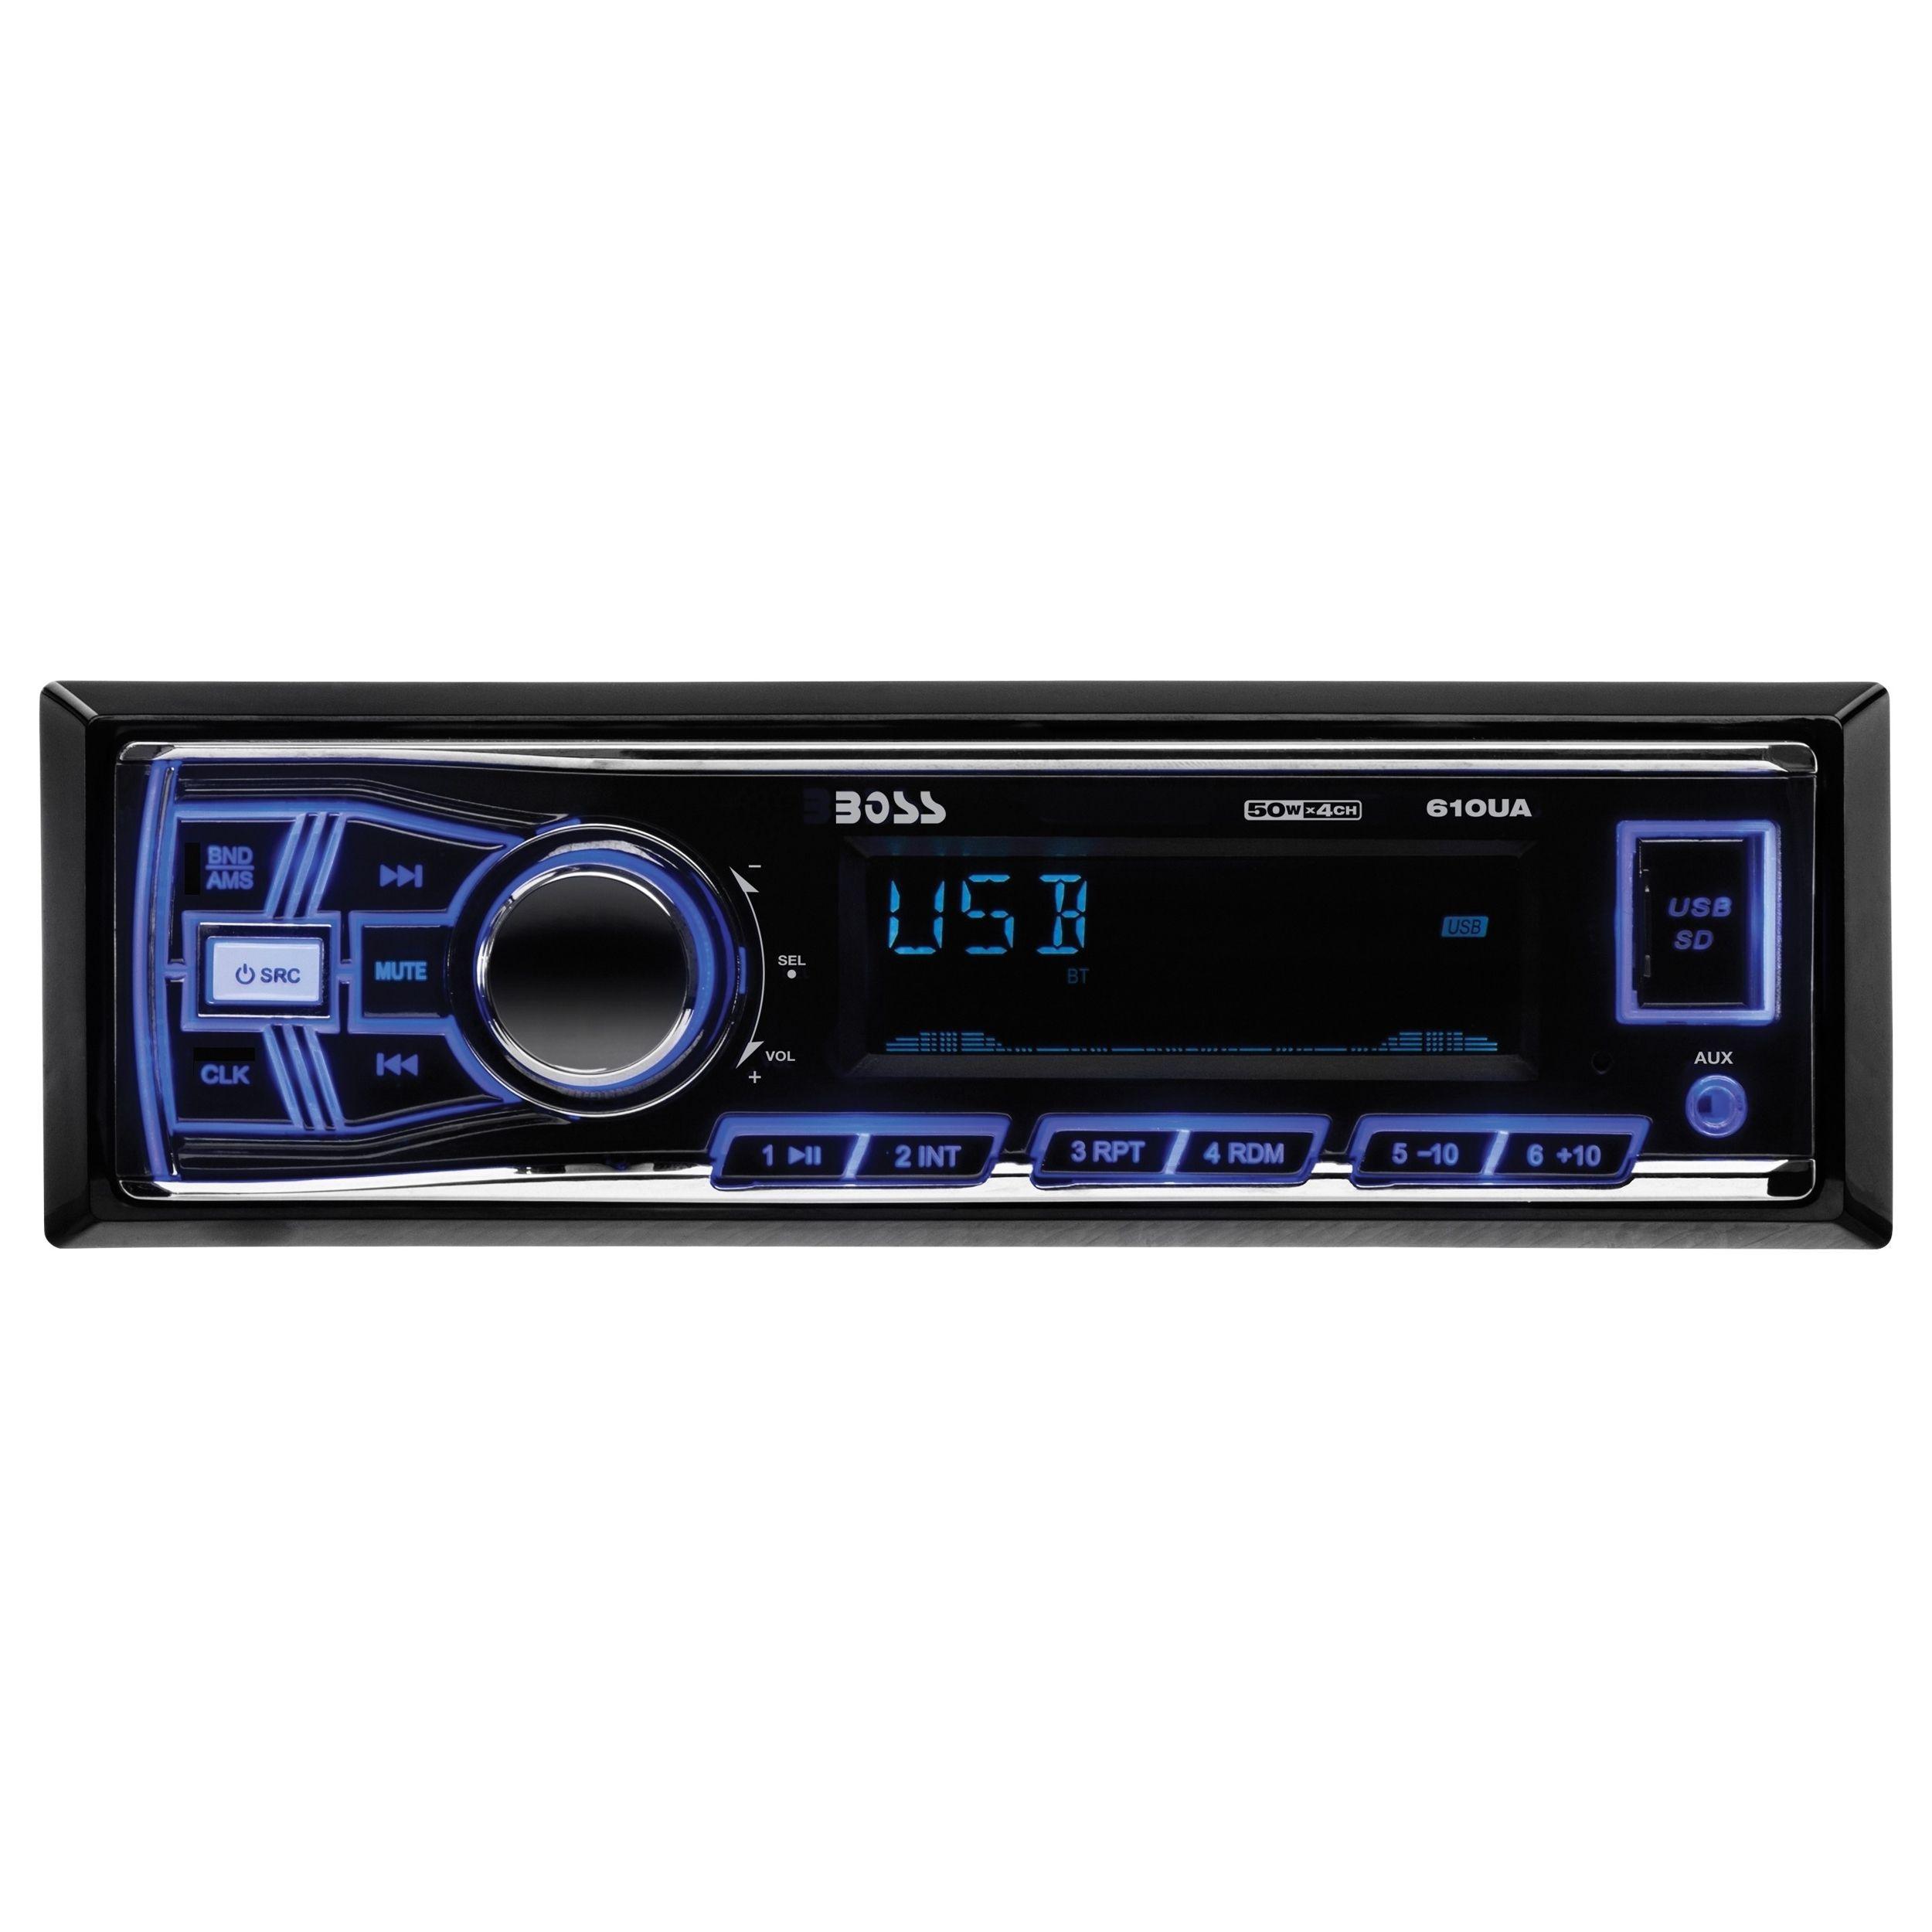 Boss audio 610ua single din mech less receiver